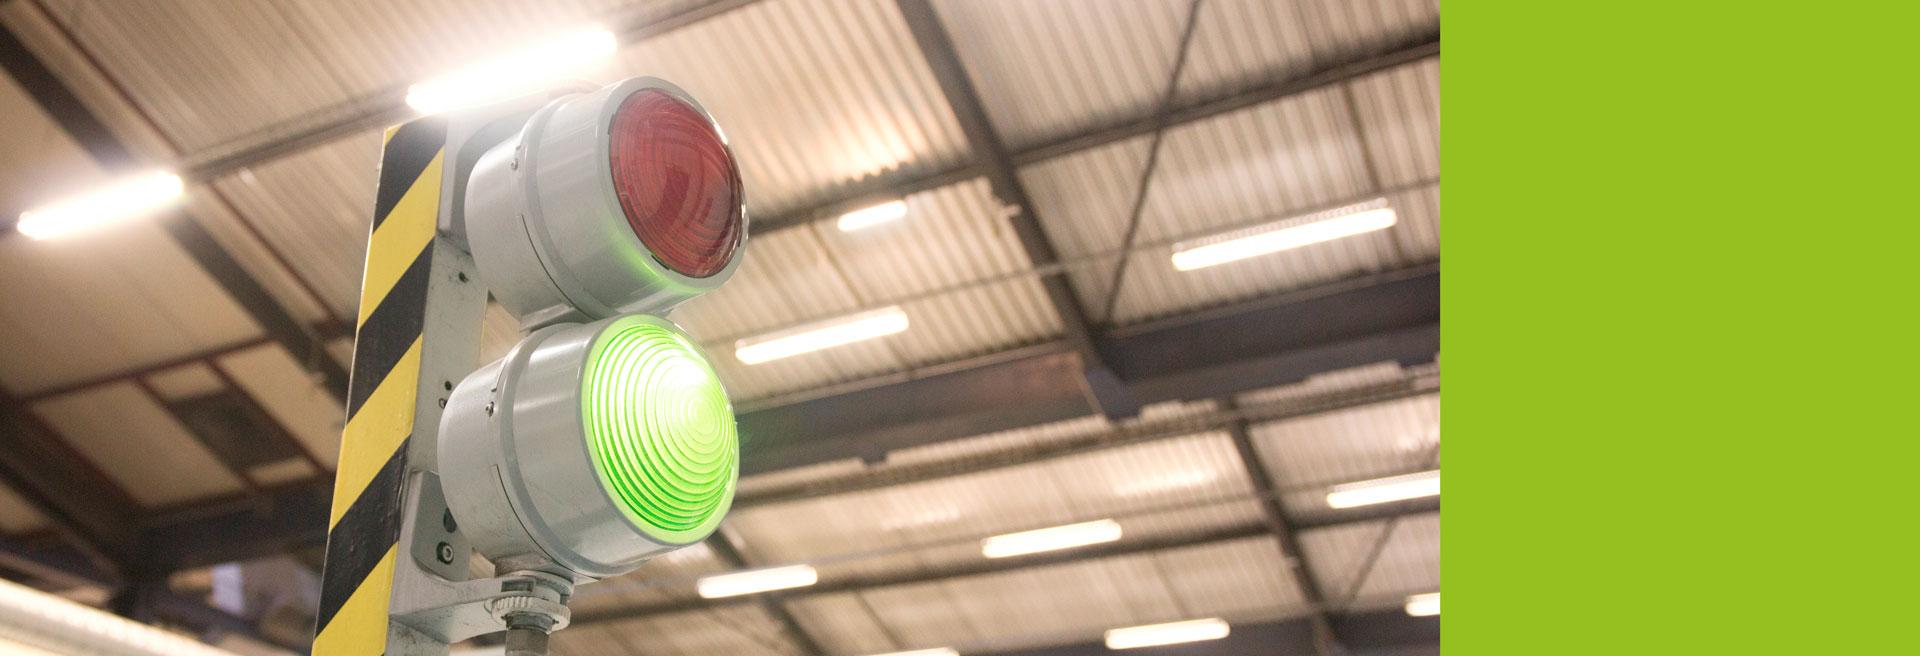 CE-Kennzeichnung CE-Zertifizierung HSE Arbeitssicherheit